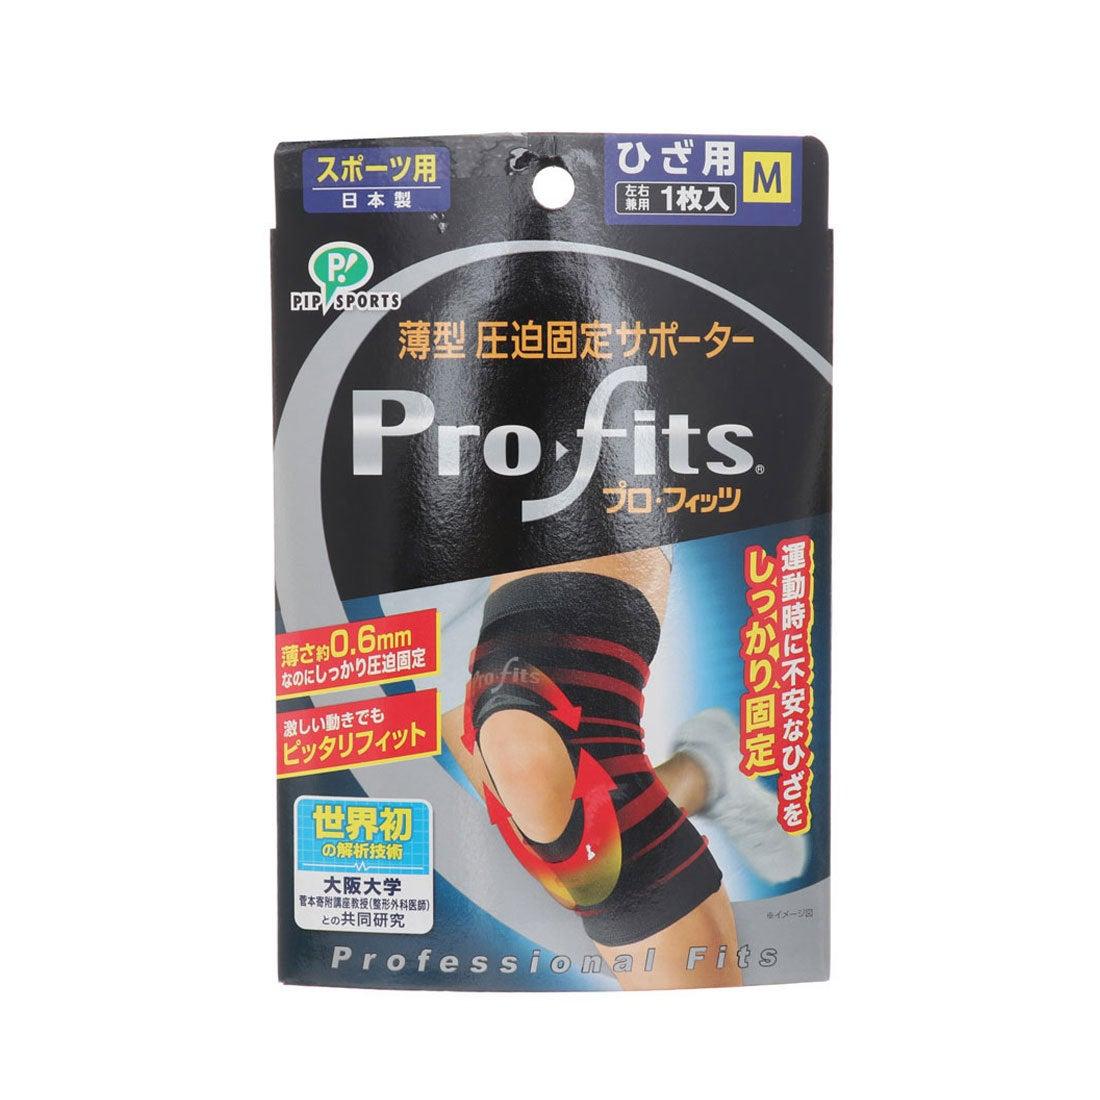 ピップ PIP 膝用サポーター ピップ PS271